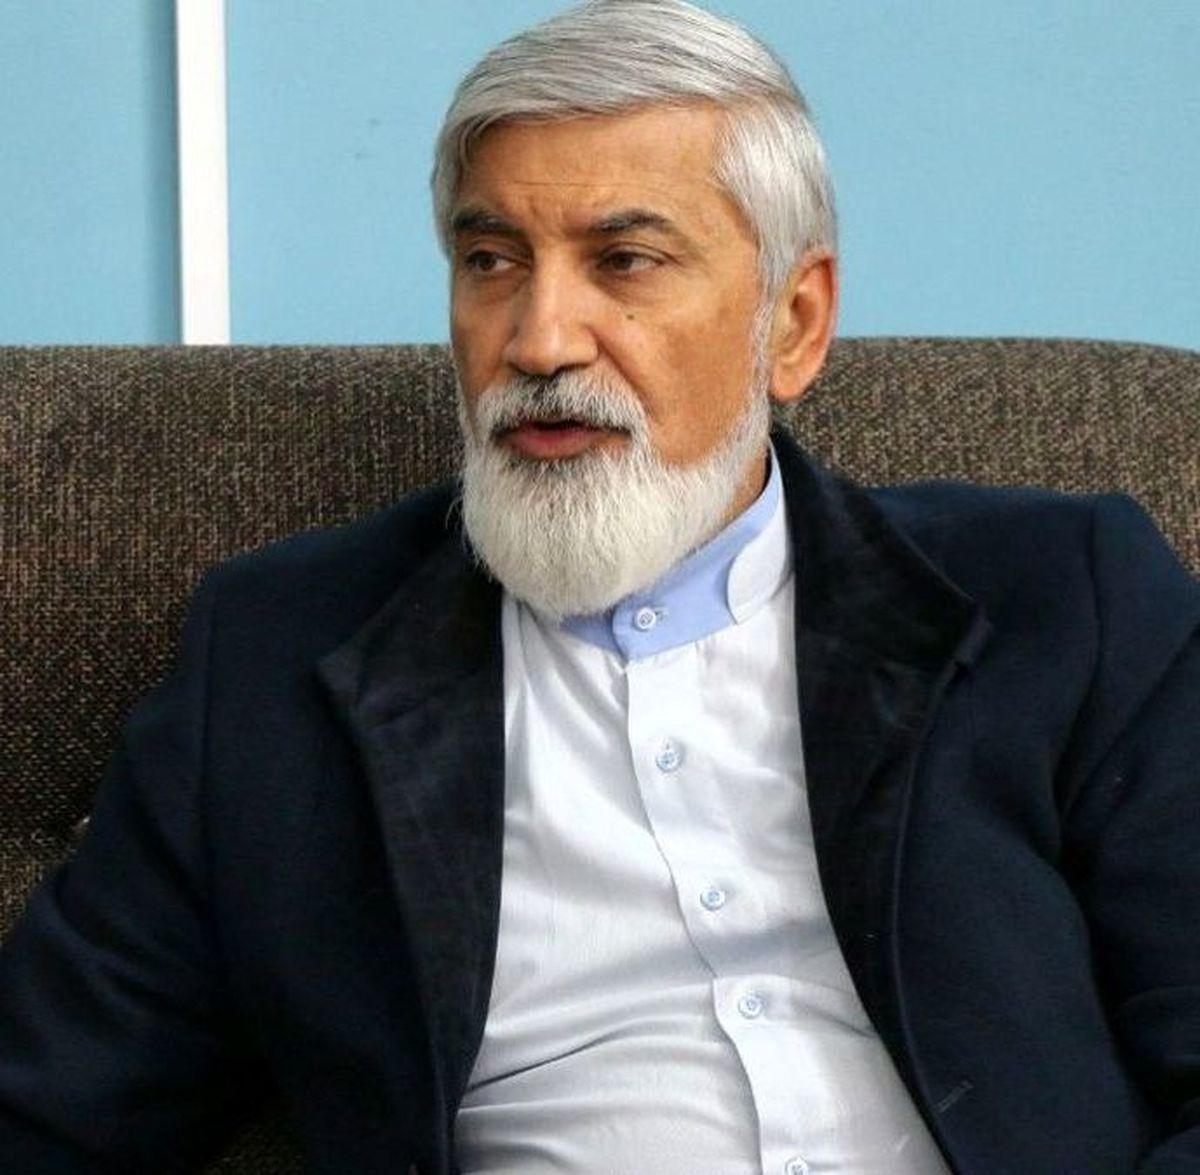 ترقی: دولت آقای روحانی مسائل حلنشدهای را برای دولت بعدی باقی گذاشته است